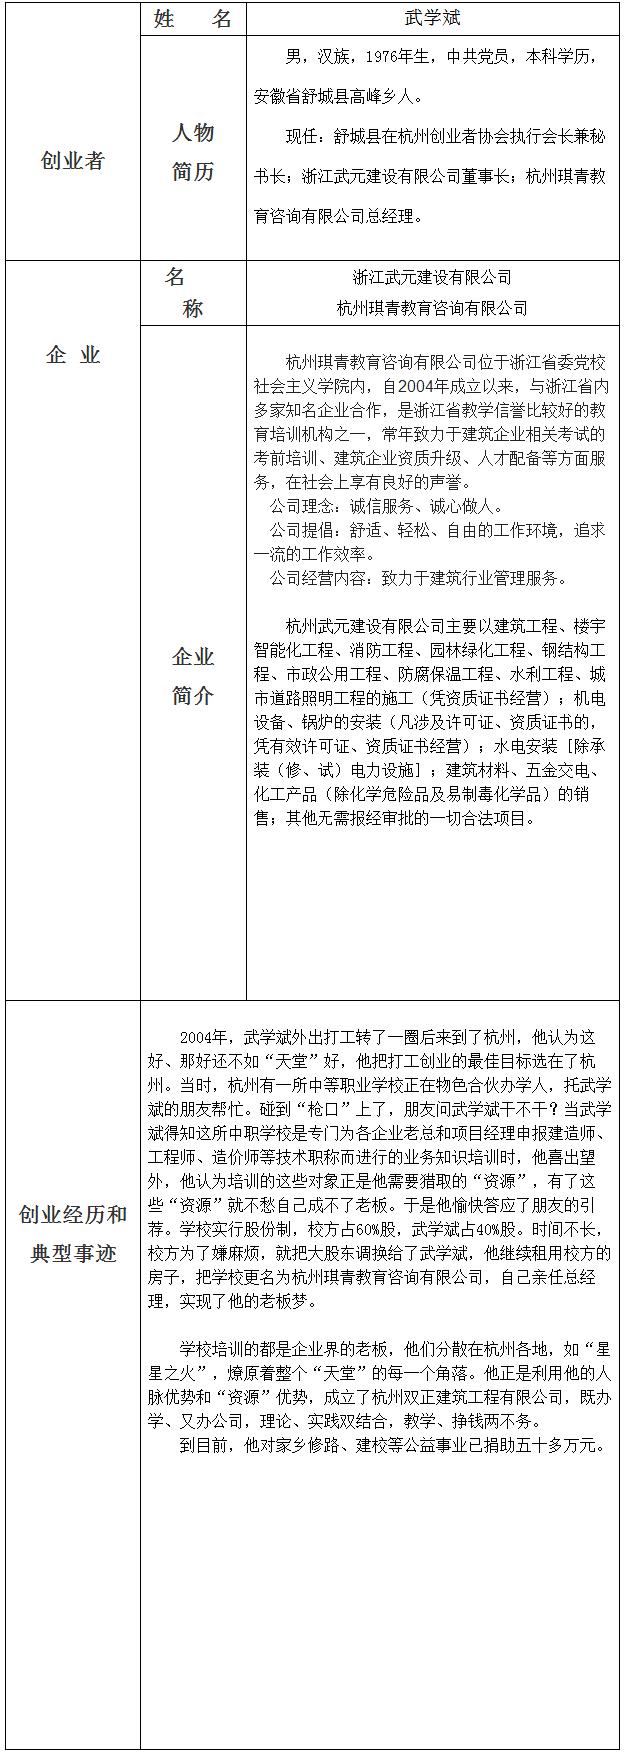 浙江武元建设有限公司